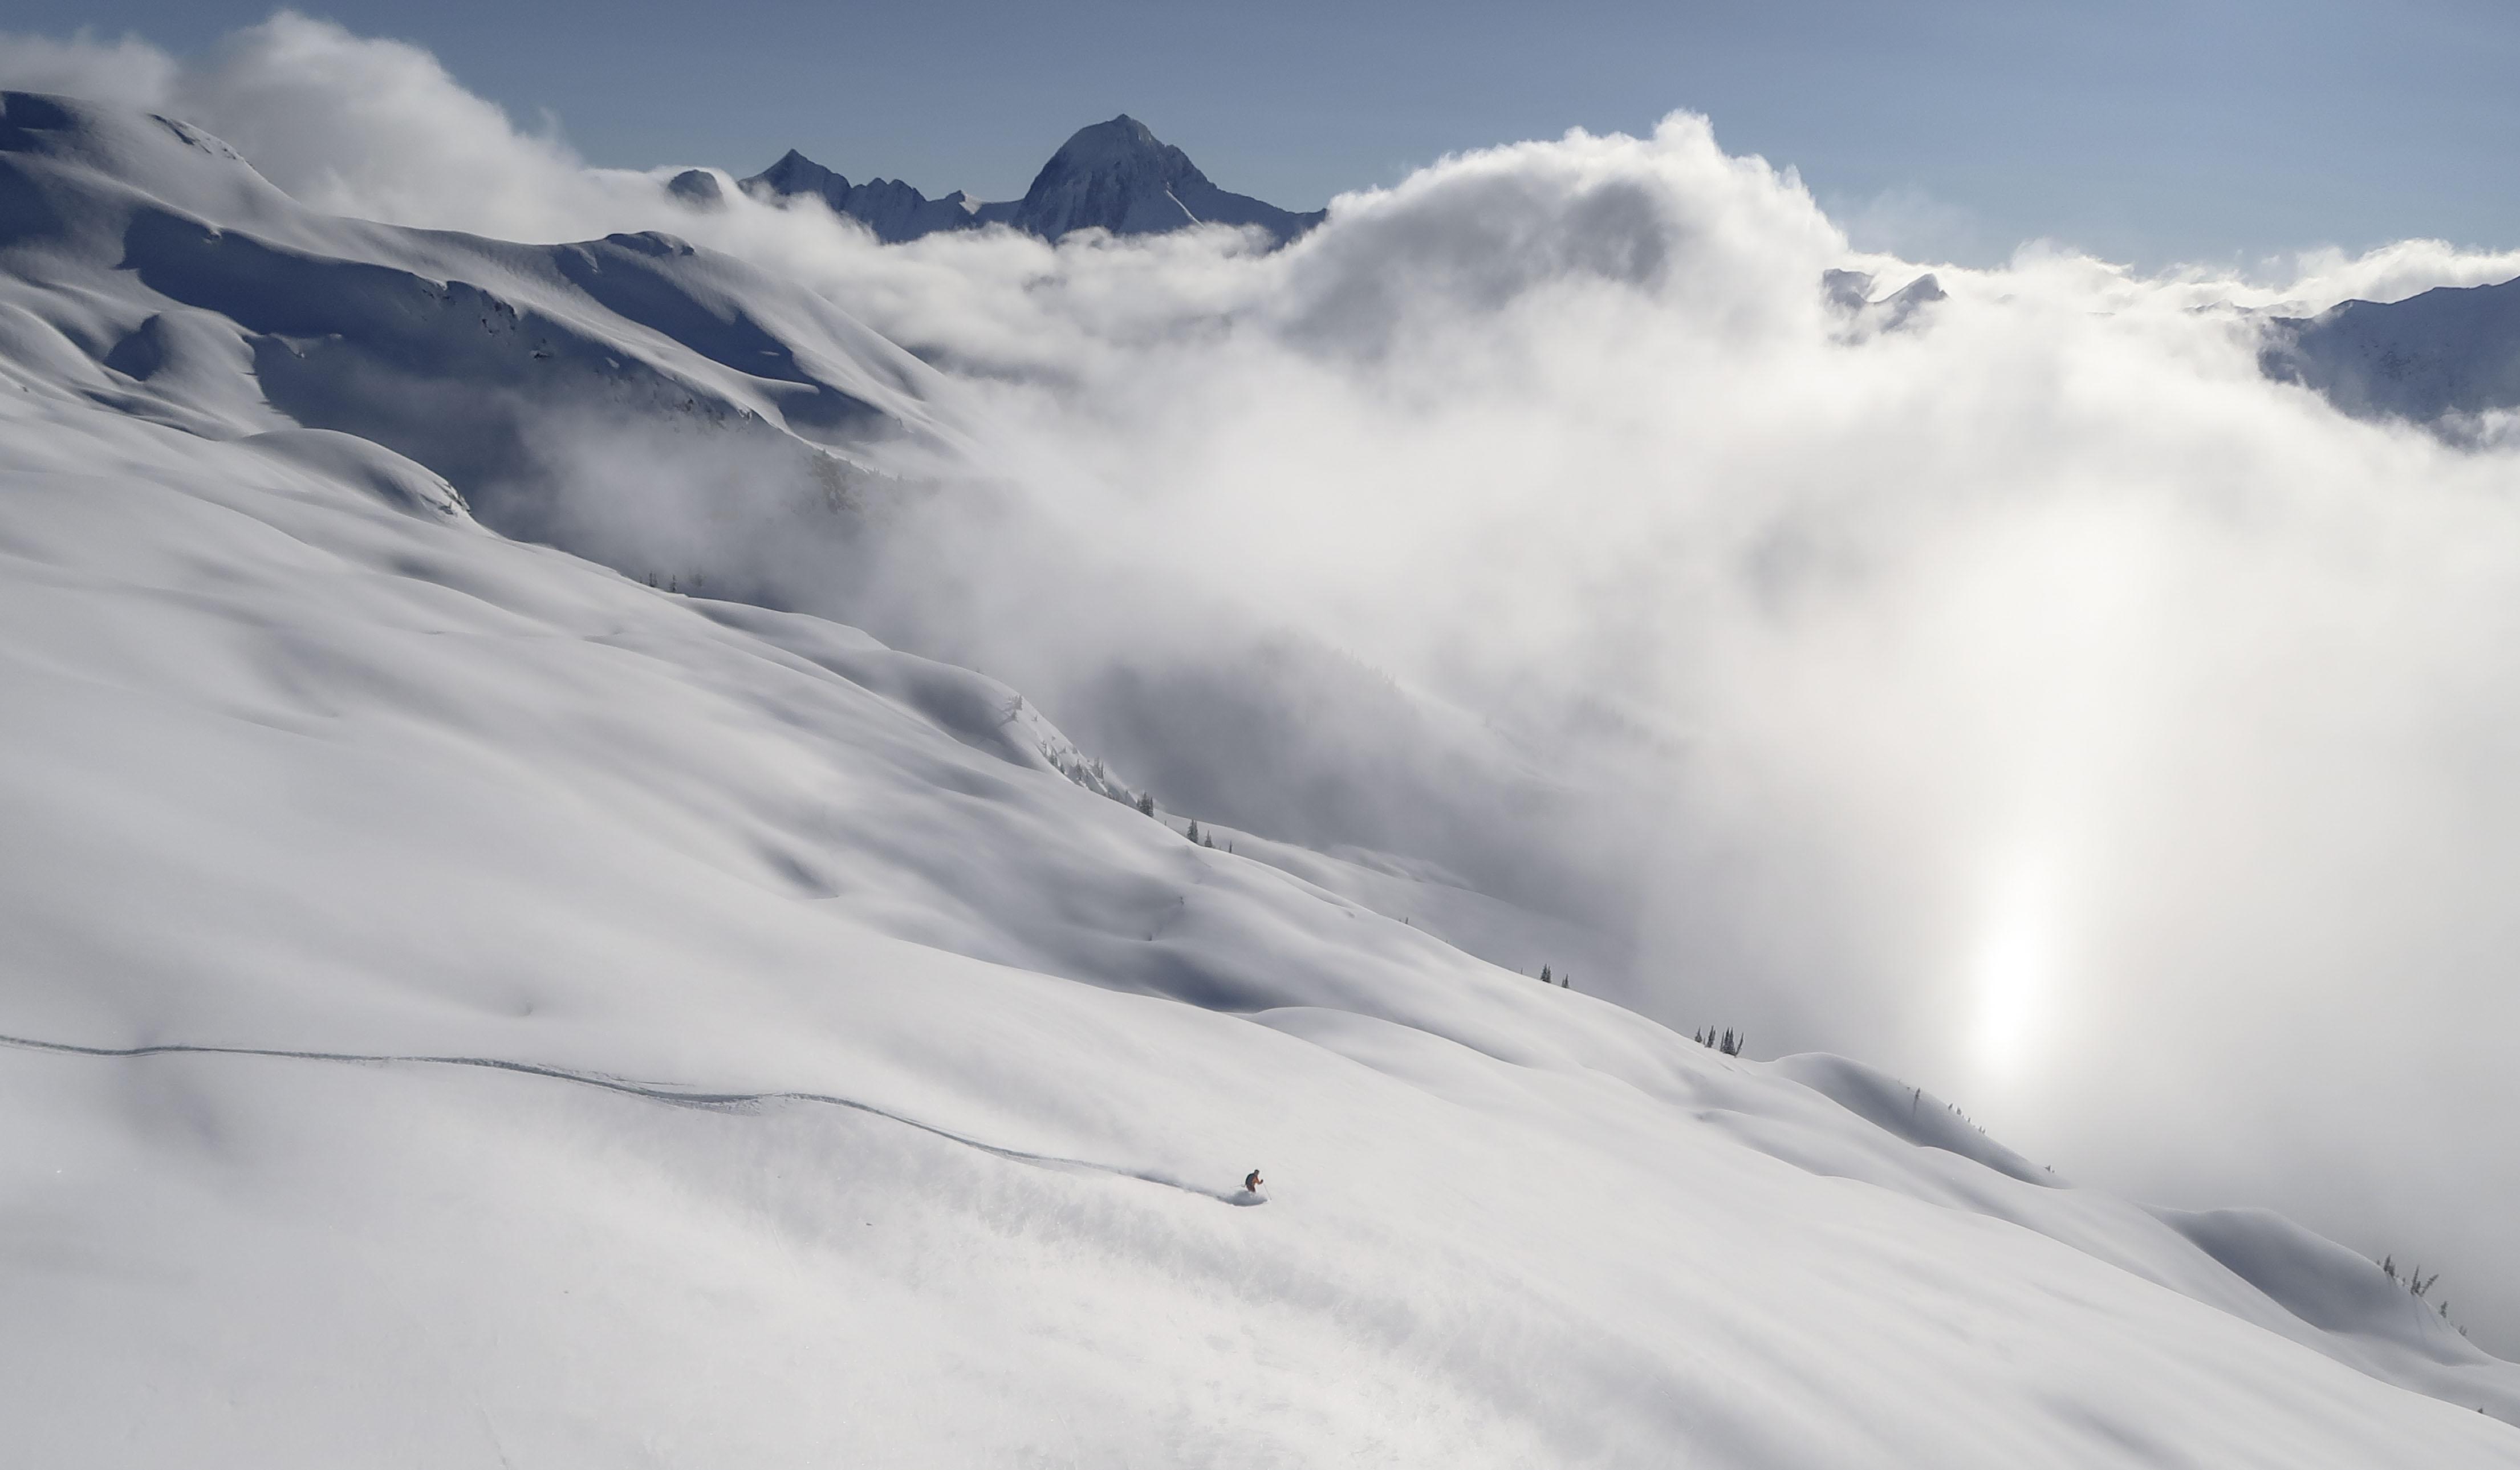 Powder Hunting - auf der Suche nach dem besten Schnee